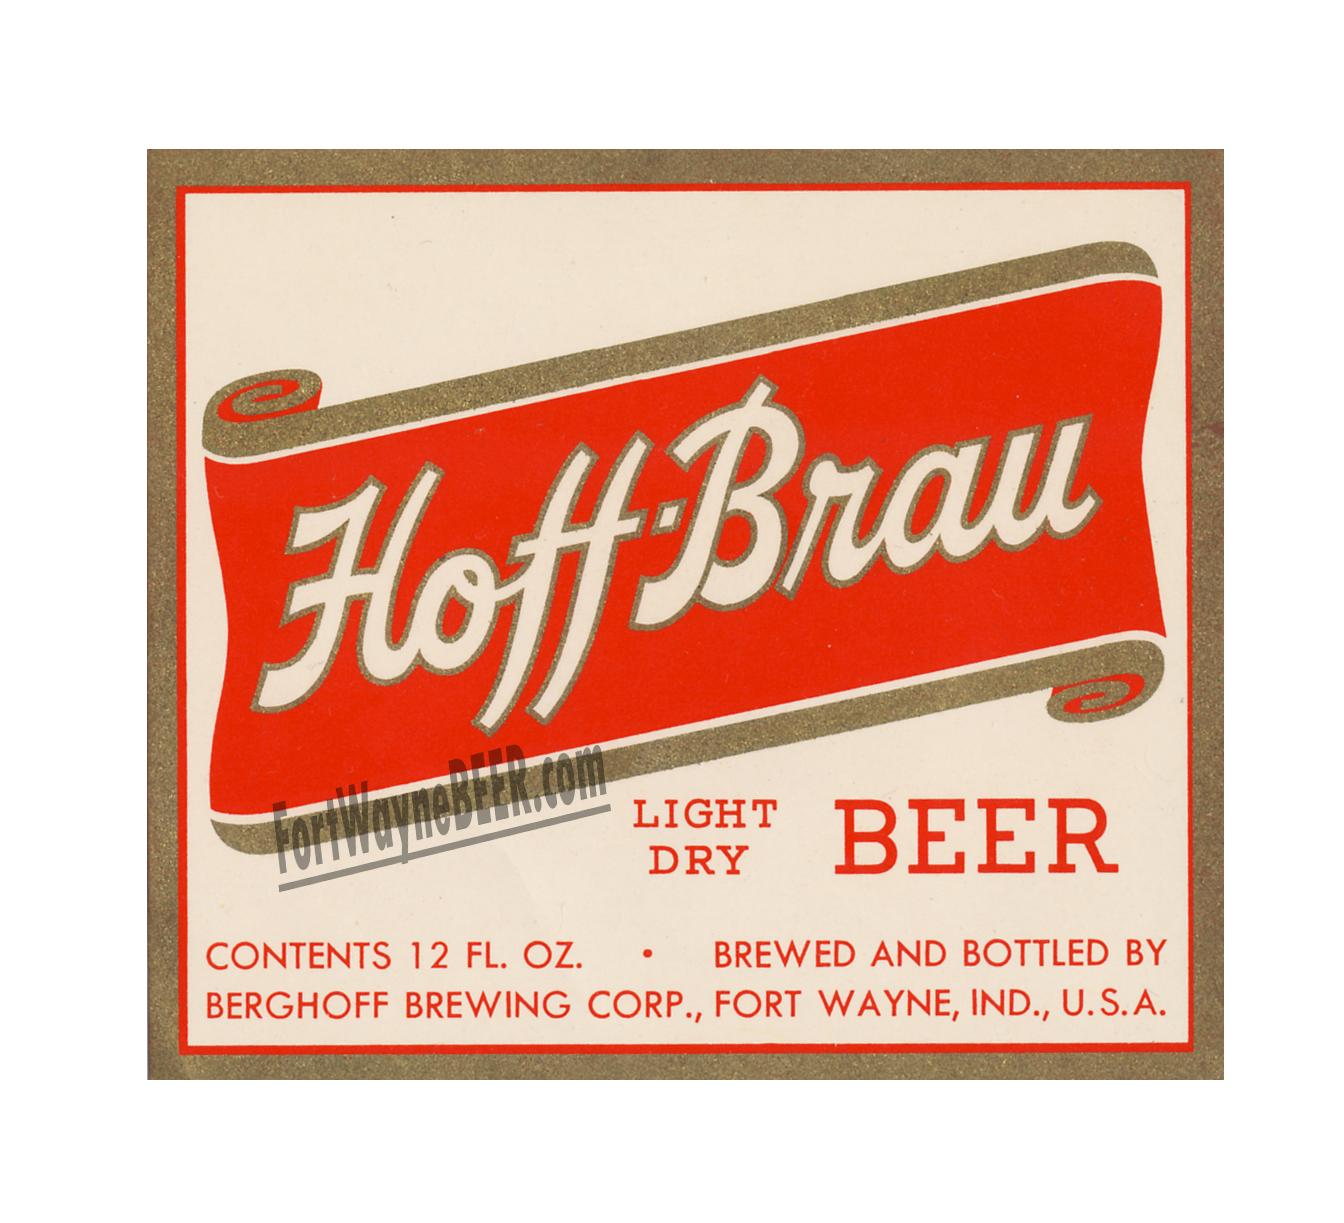 Hoff-Brau Beer label copy.png